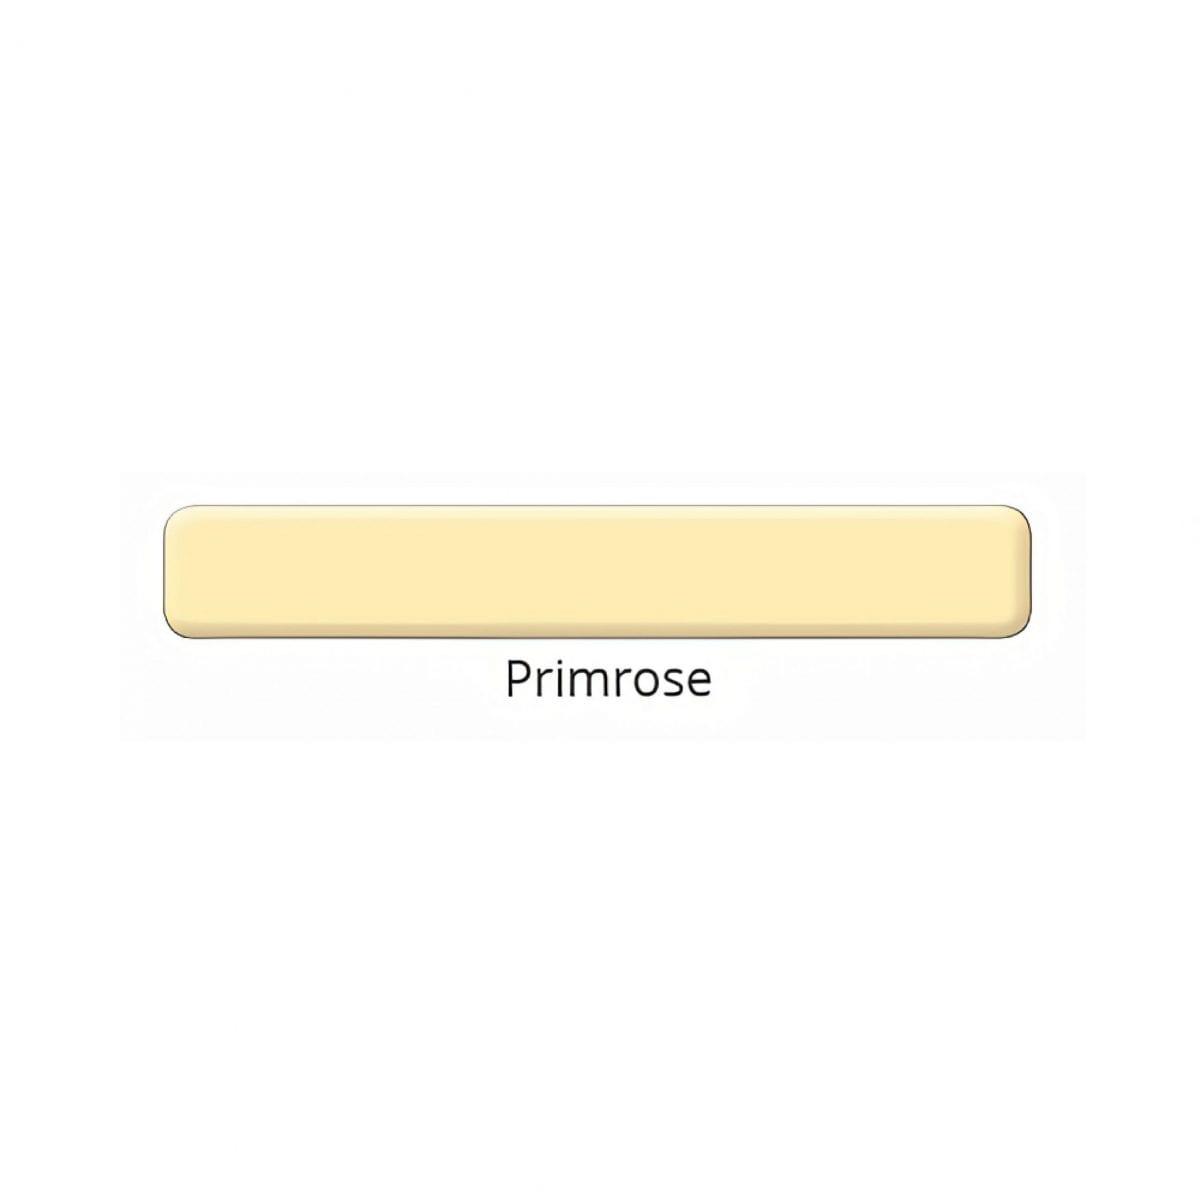 Primrose color